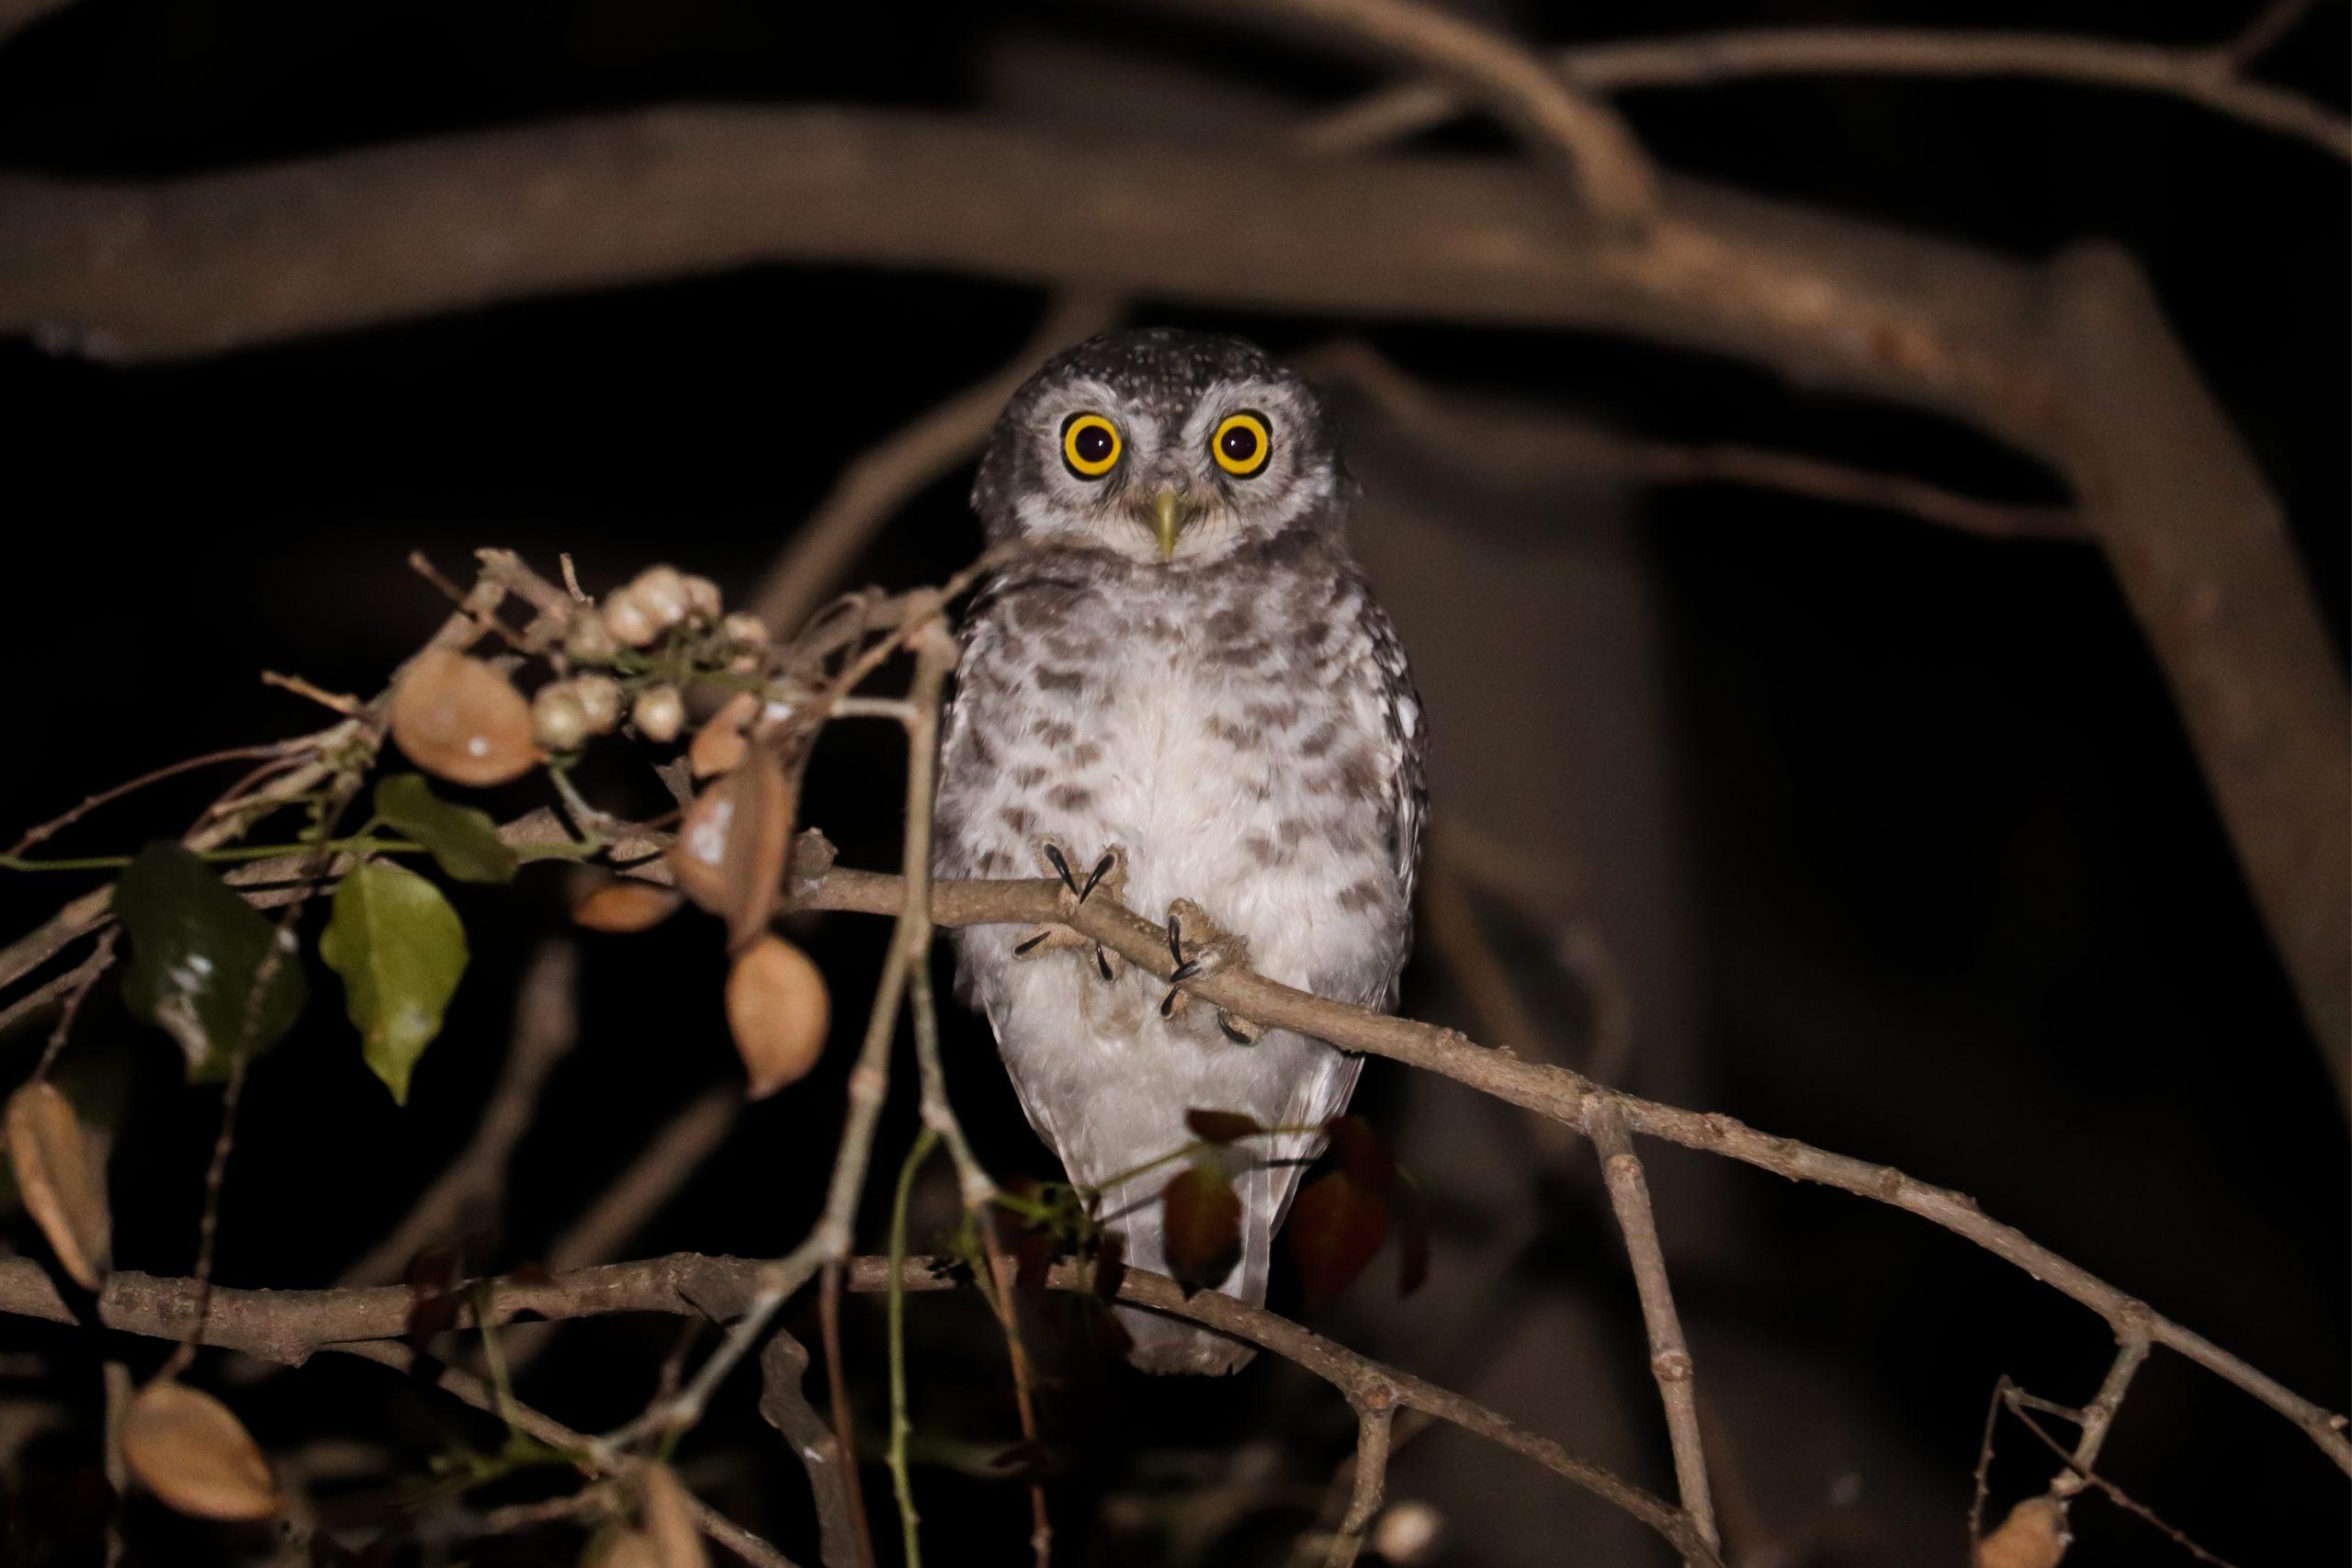 Owl sitting on tree